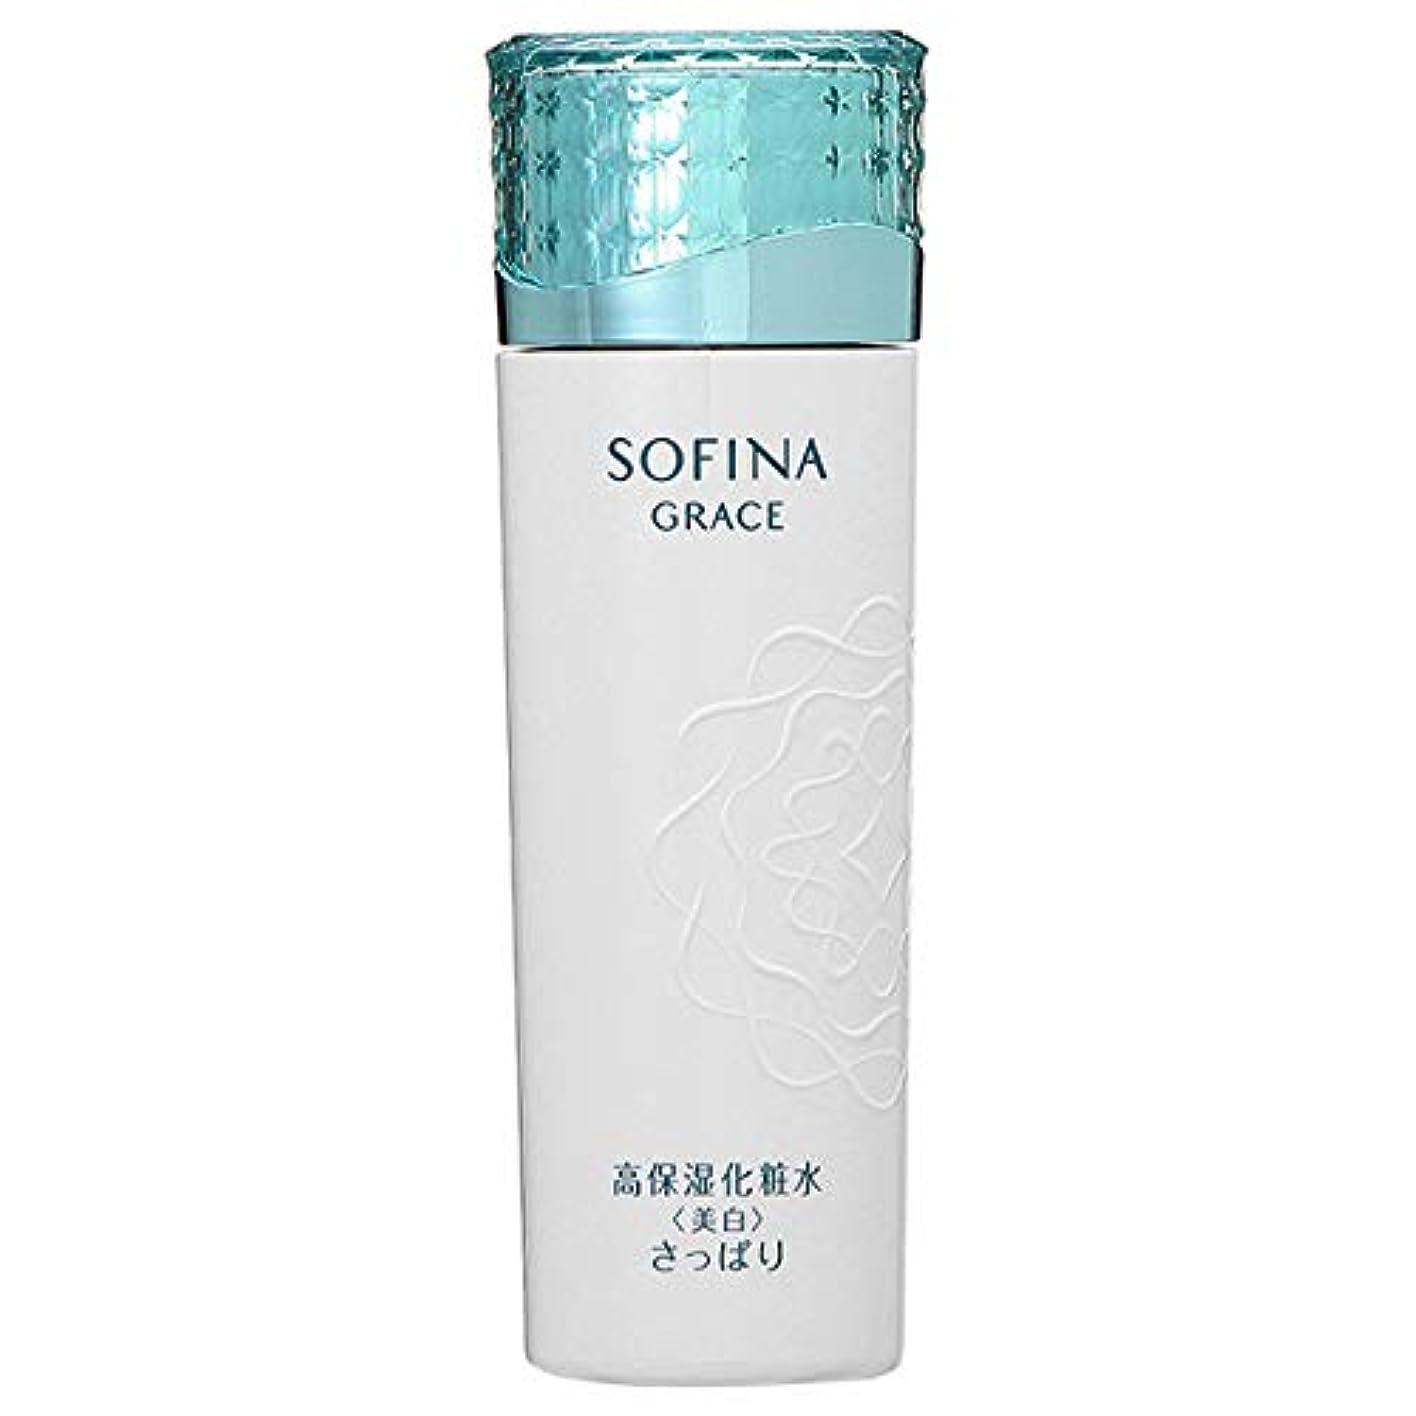 すぐに愛撫黒くする花王 グレイス ソフィーナ 高保湿化粧水 美白 さっぱり 140mL